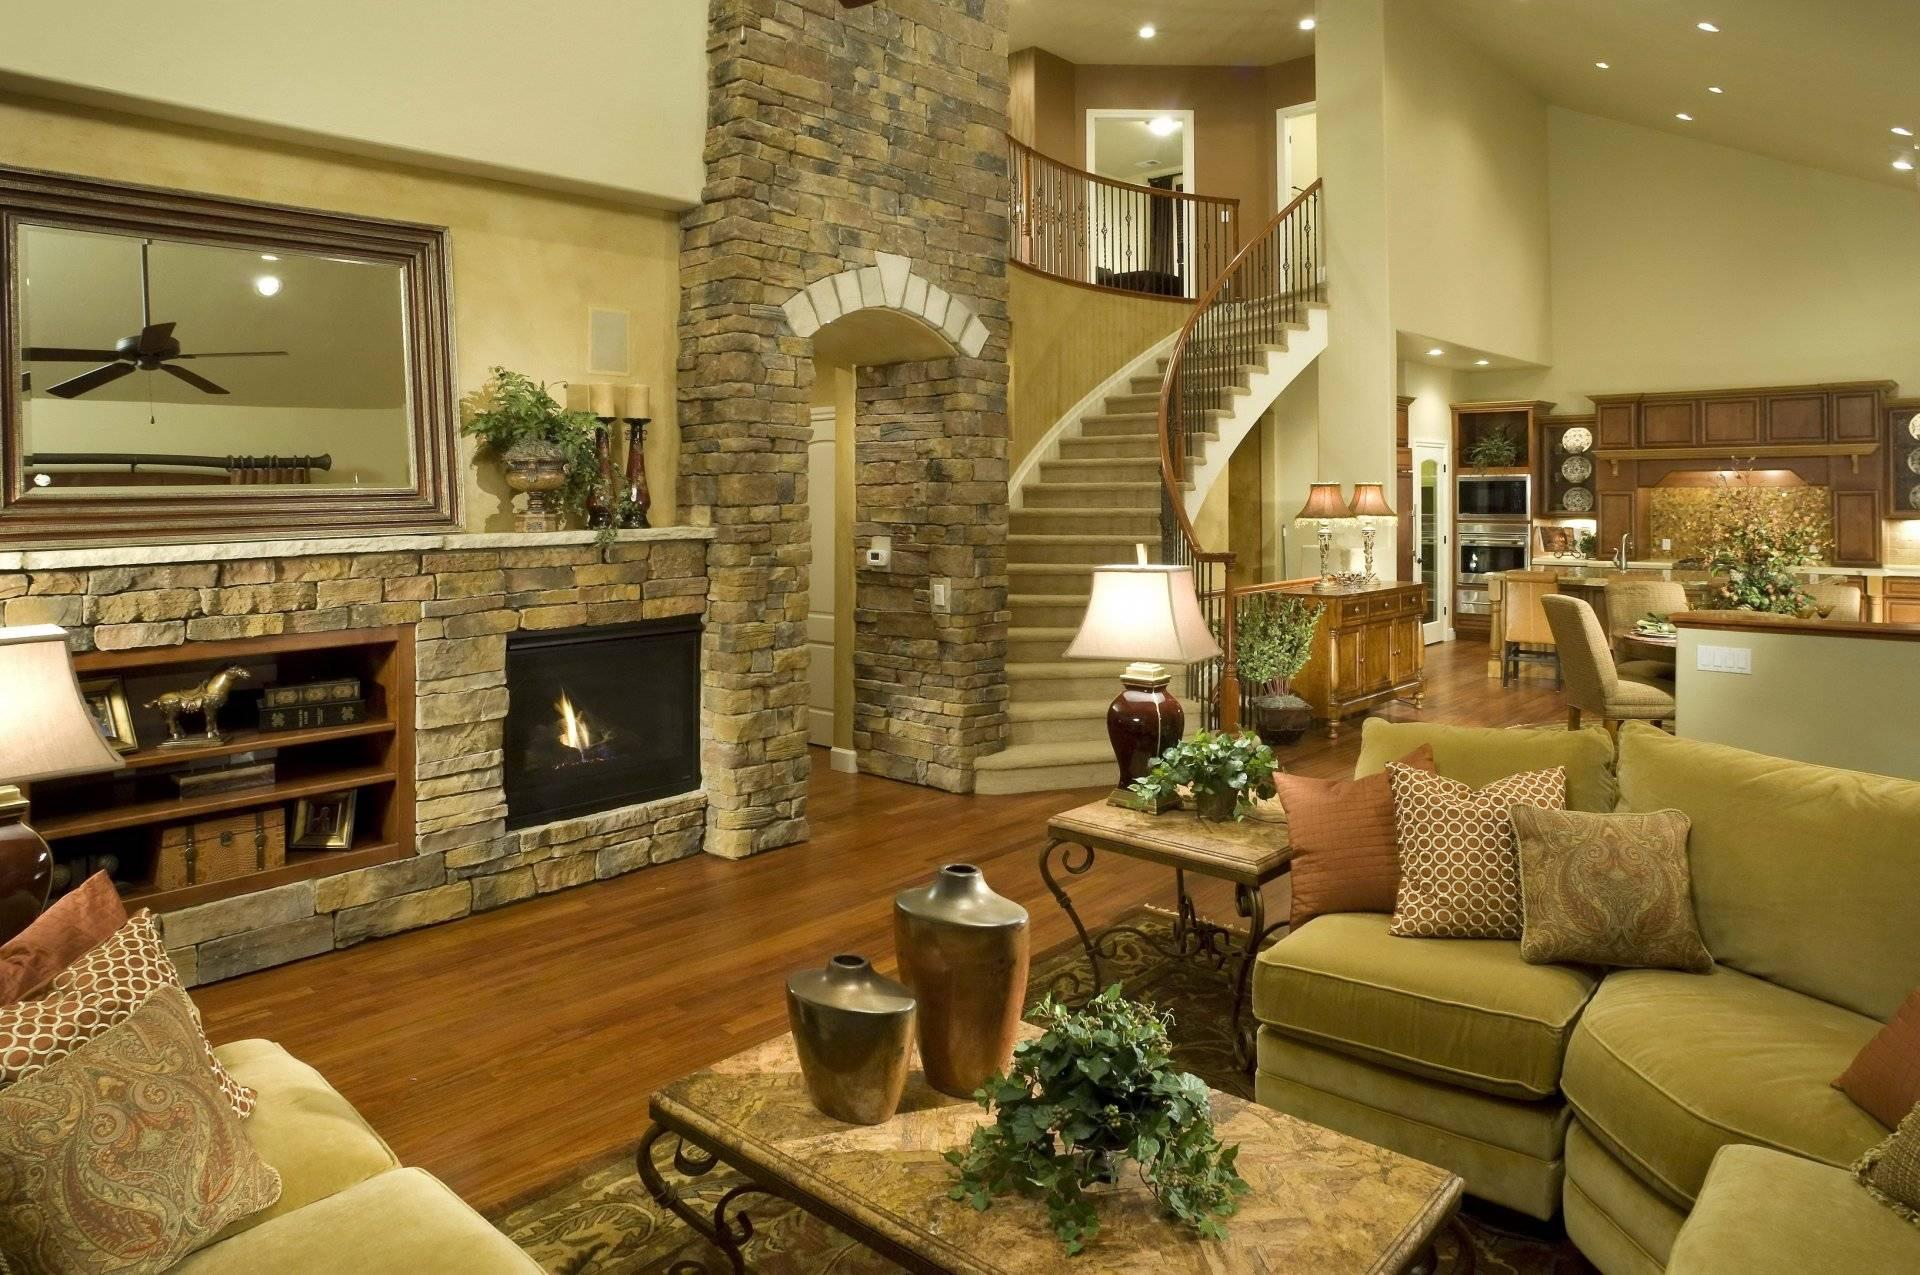 Планировка гостиной — лучшие варианты, особенности и идеи создания удобной планировки (120 фото)